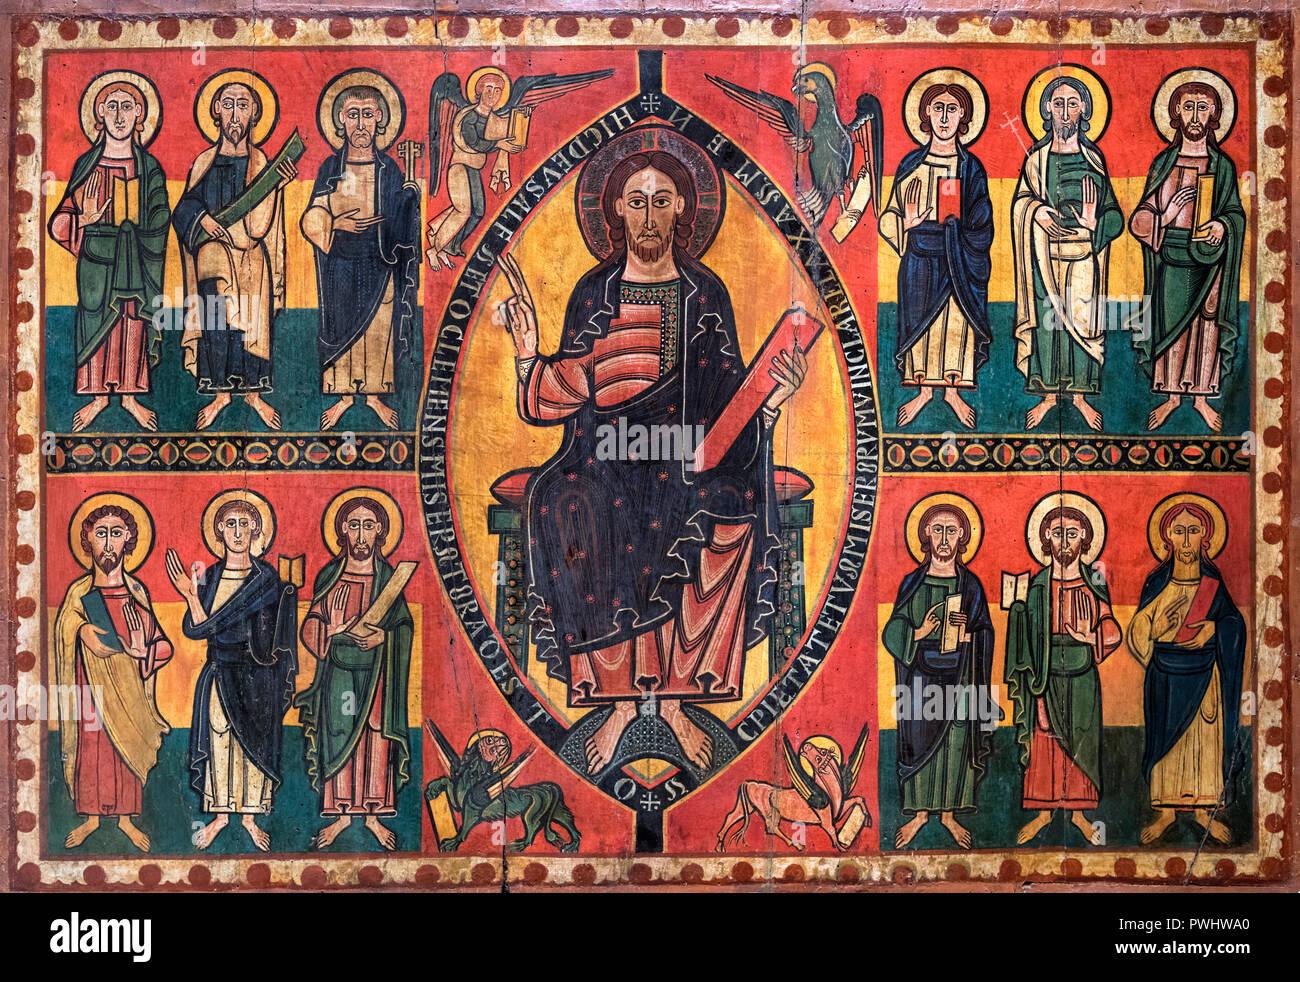 Esquius Altar vorne, eine mittelalterliche Malerei vermutlich aus der alten Kirche von Santa Maria in der Burg von luinya, aus dem 12. Jahrhundert AD, Tempera und lackierte Metallplatte auf Holz Stockbild